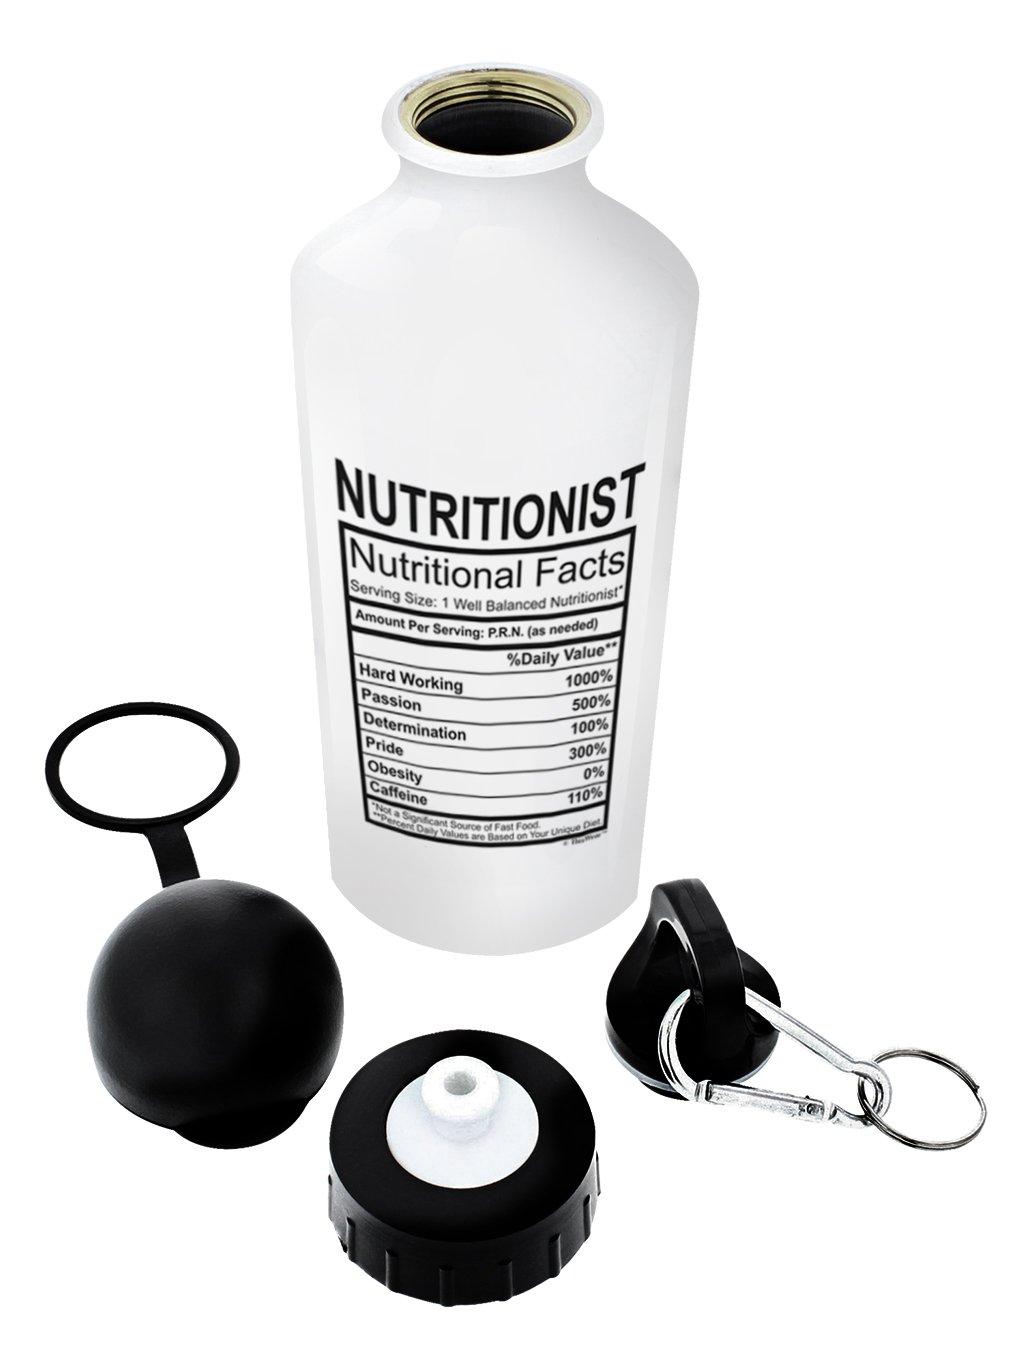 栄養士卒業ギフト栄養士栄養成分ギフトアルミニウムウォーターボトルキャップ&スポーツトップ B07577D23Q  ホワイト